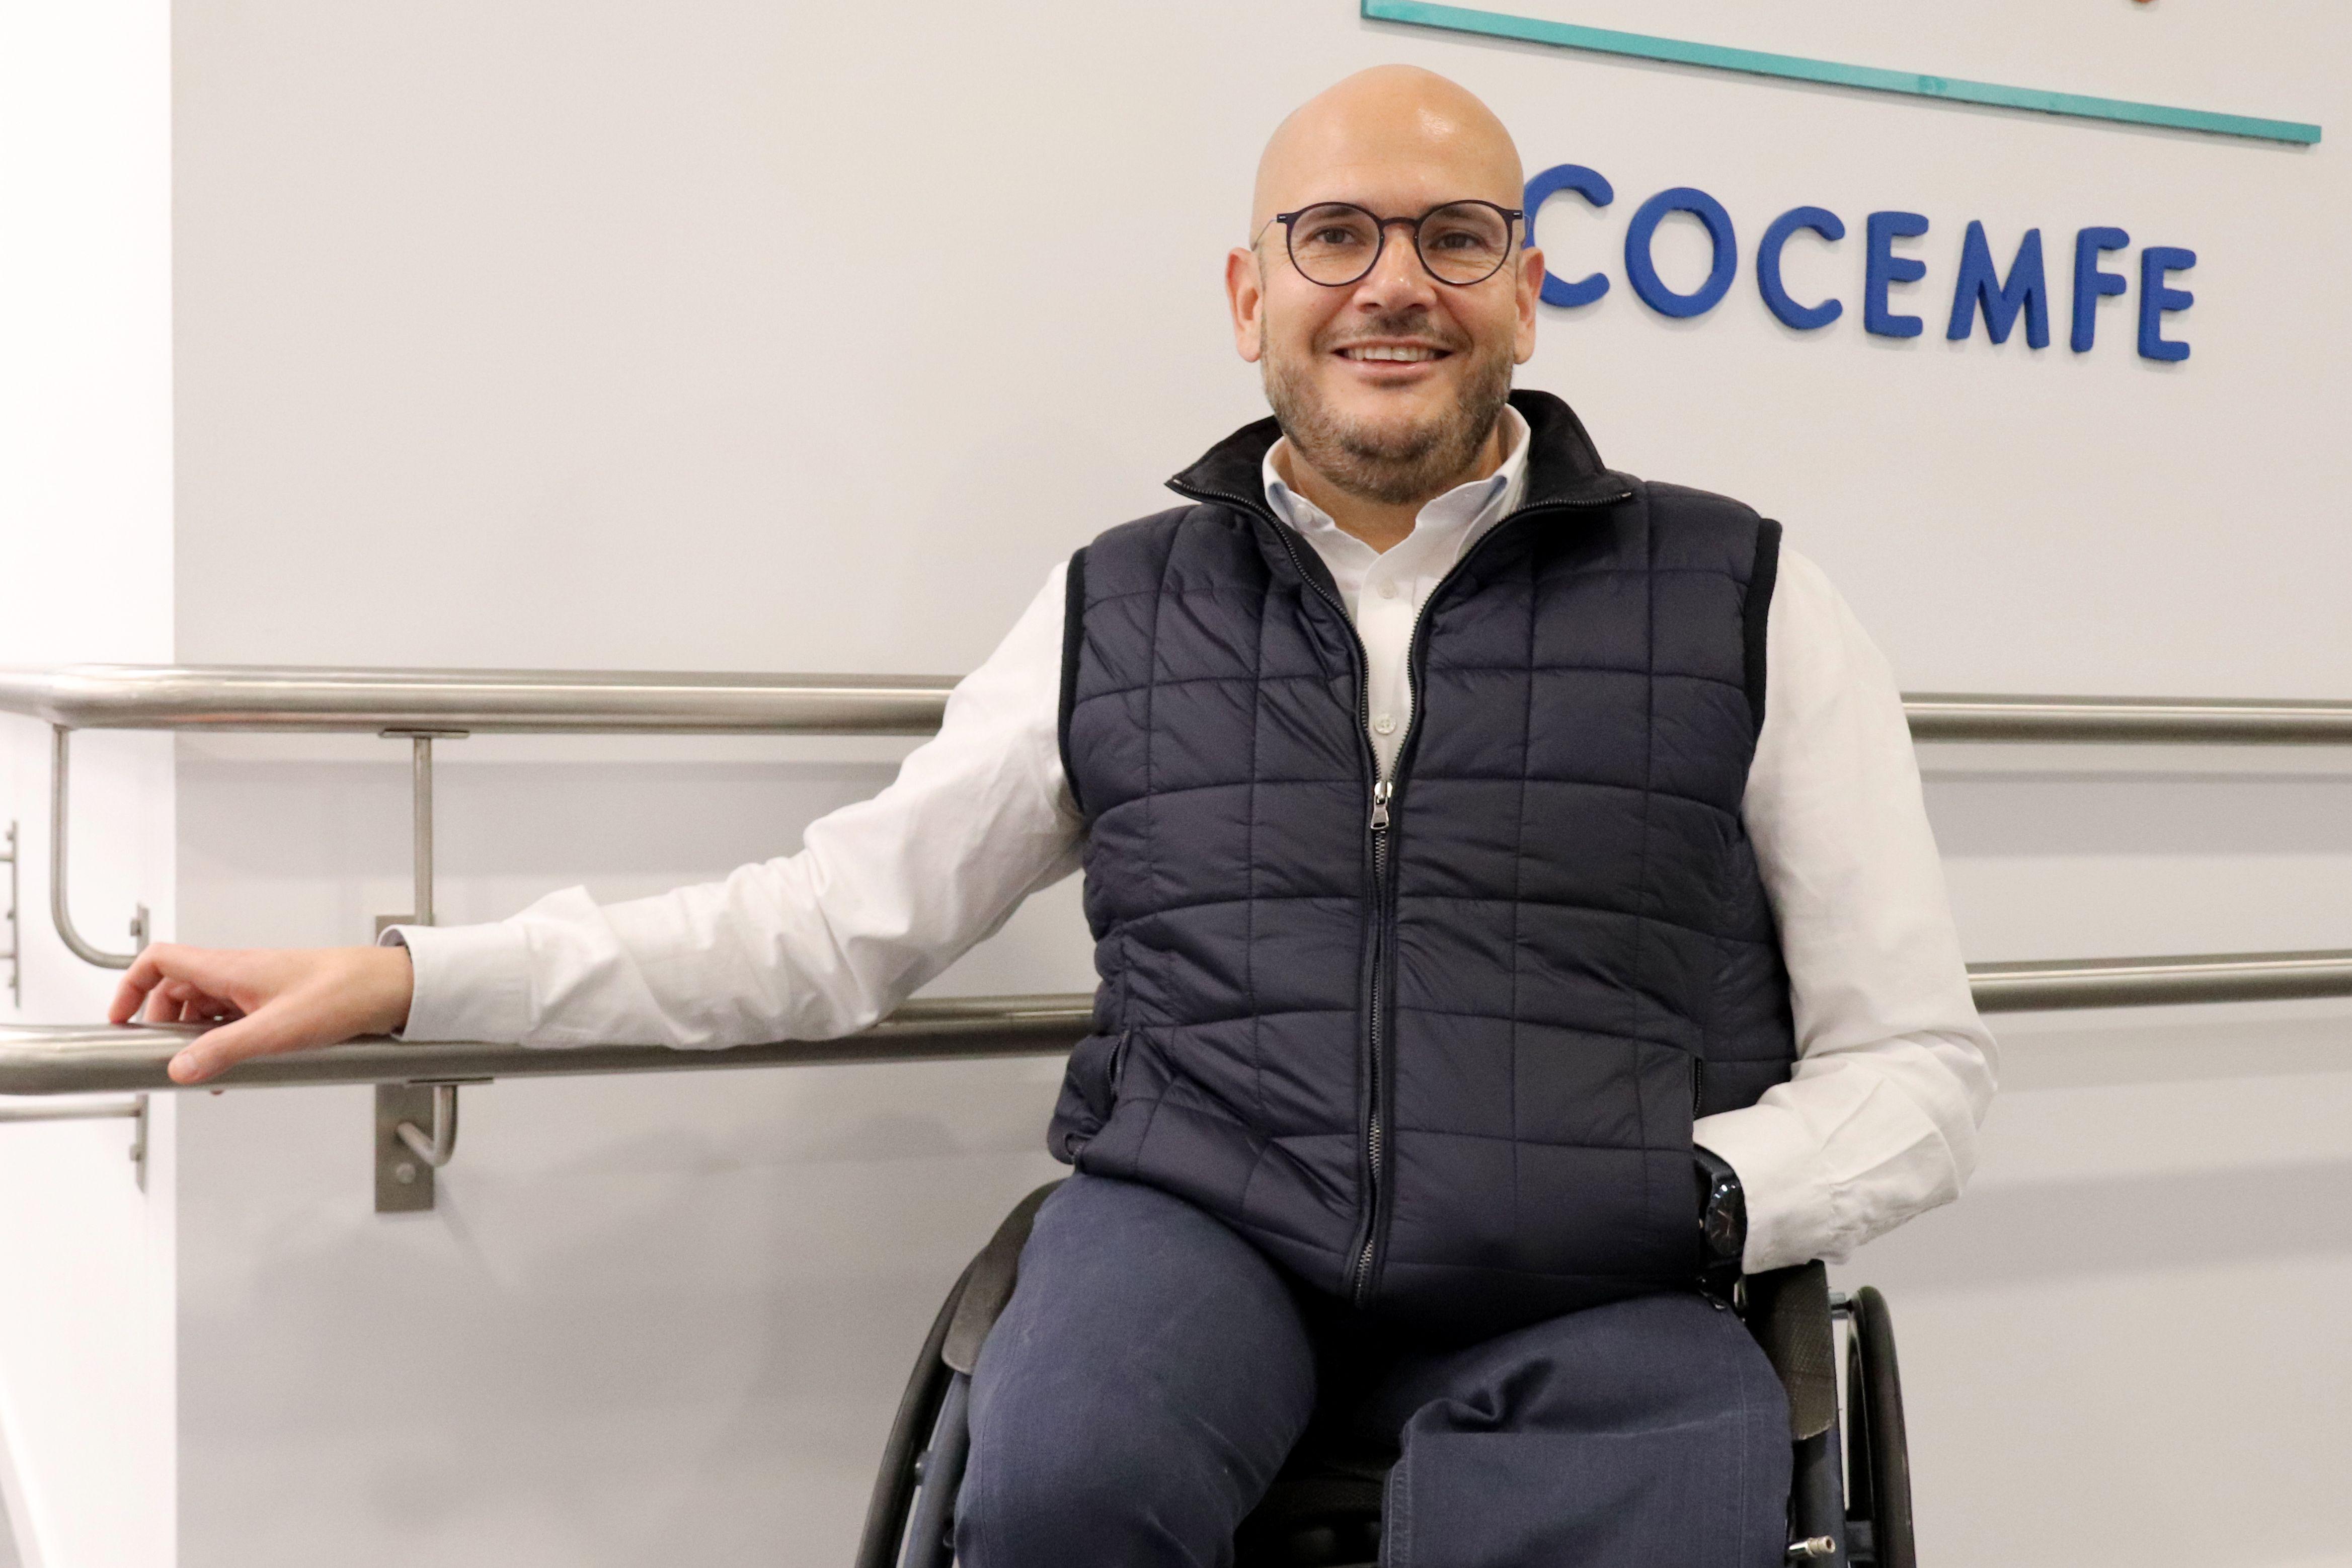 El presidente de Cocemfe, Anxo Queiruga, habla sobre discapacidad y mayores